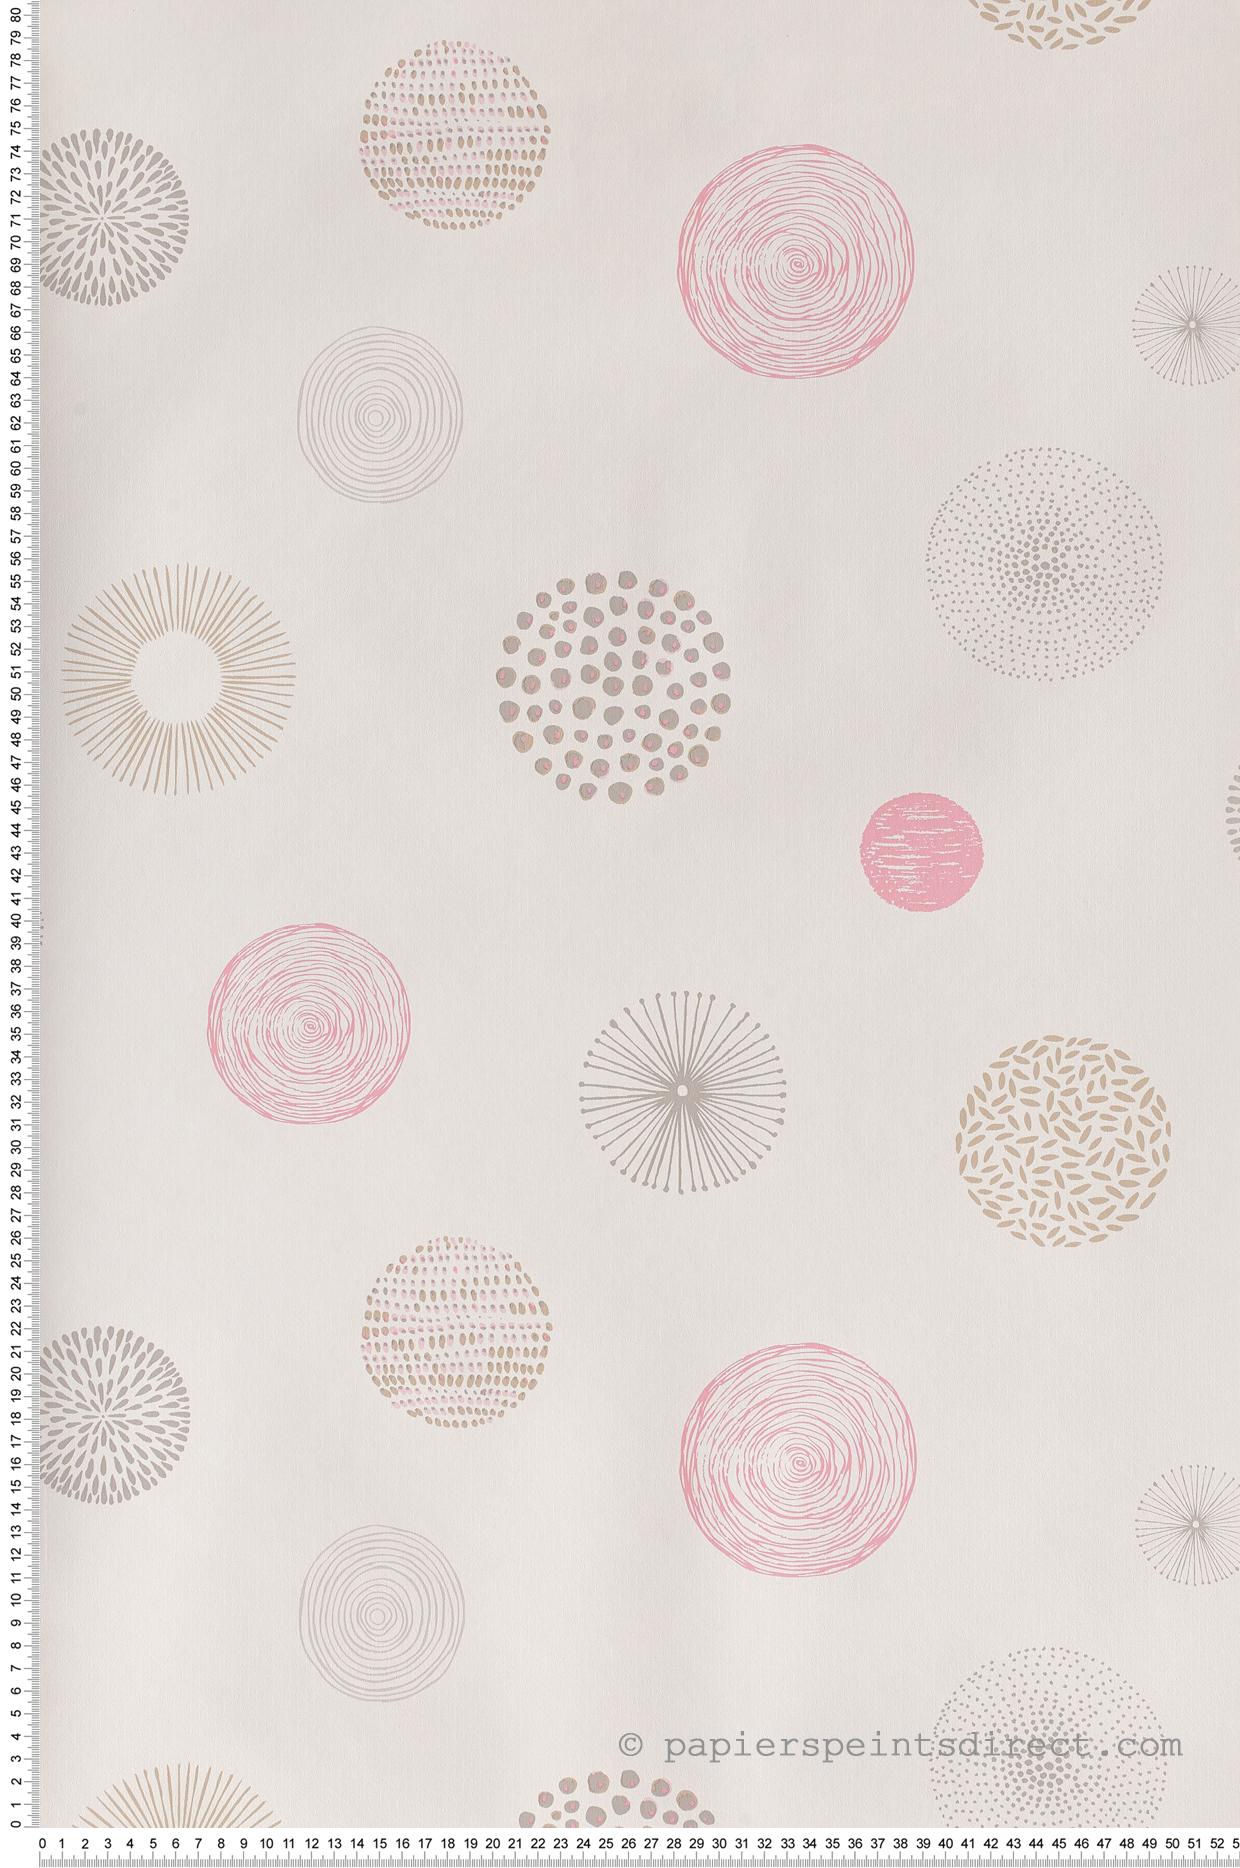 Cercles graf rose-beige - Collection Pretty Lili de Casélio